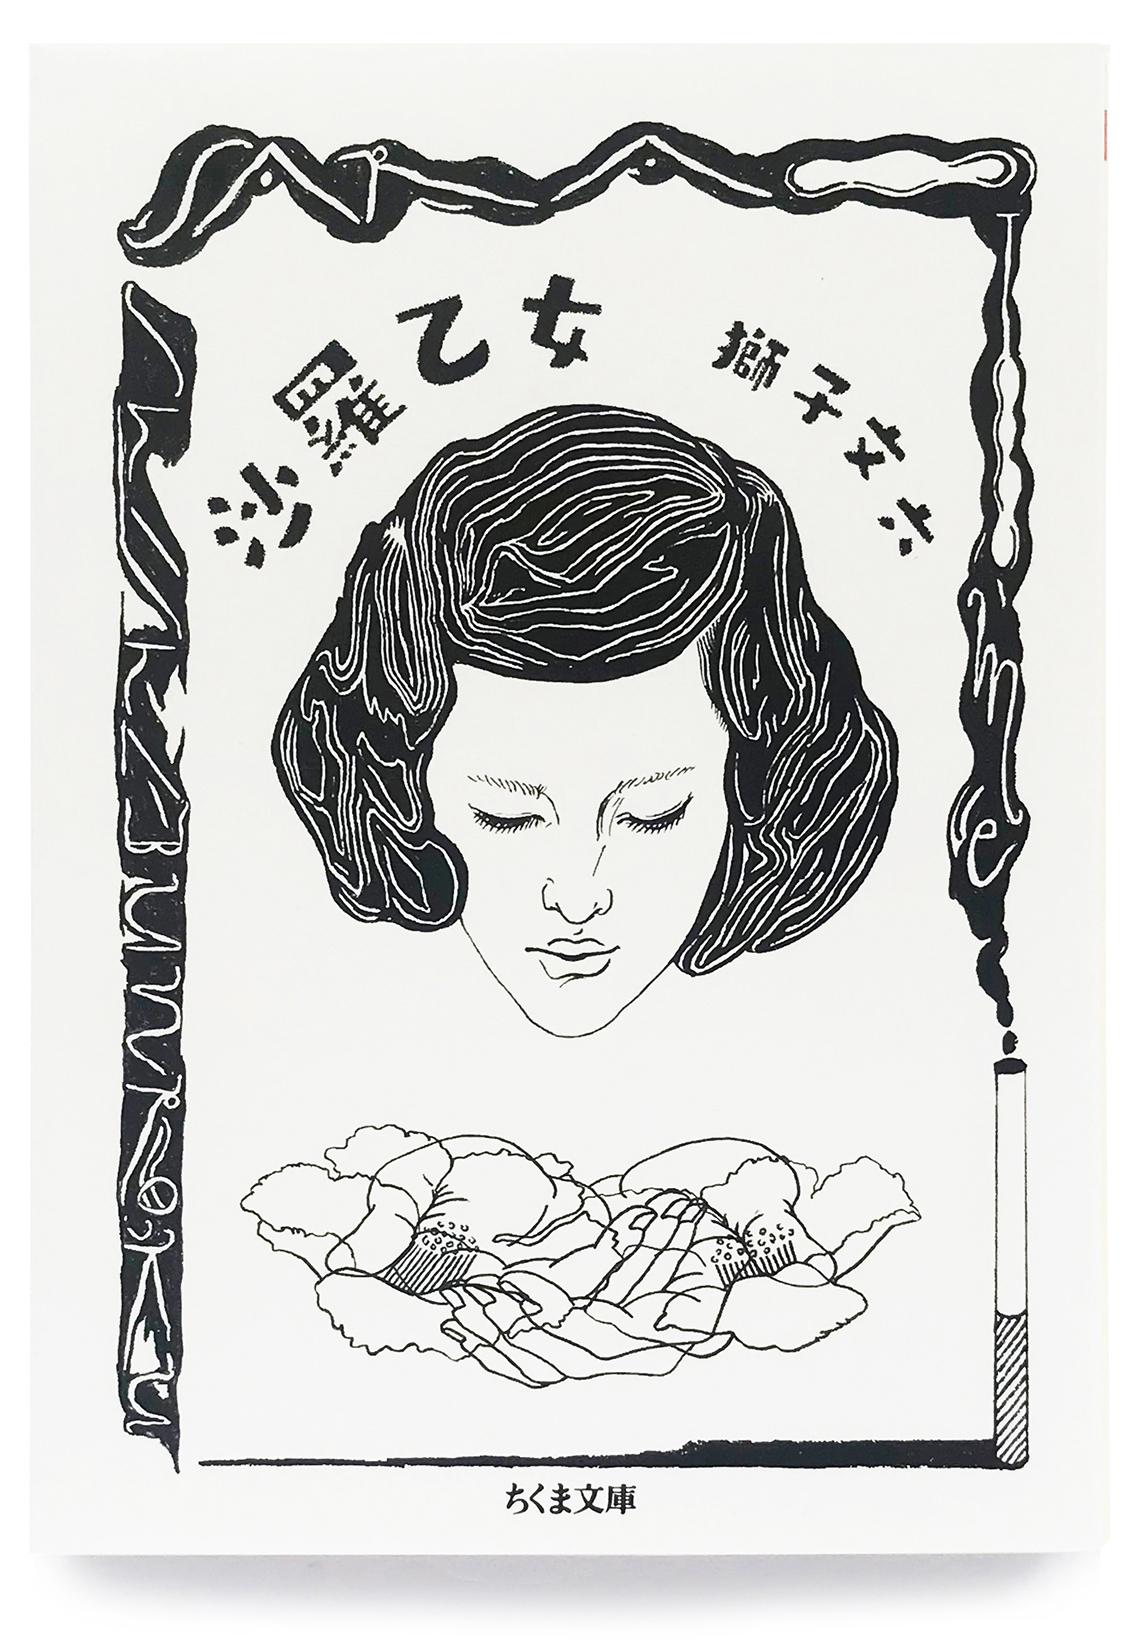 『沙羅乙女』 1